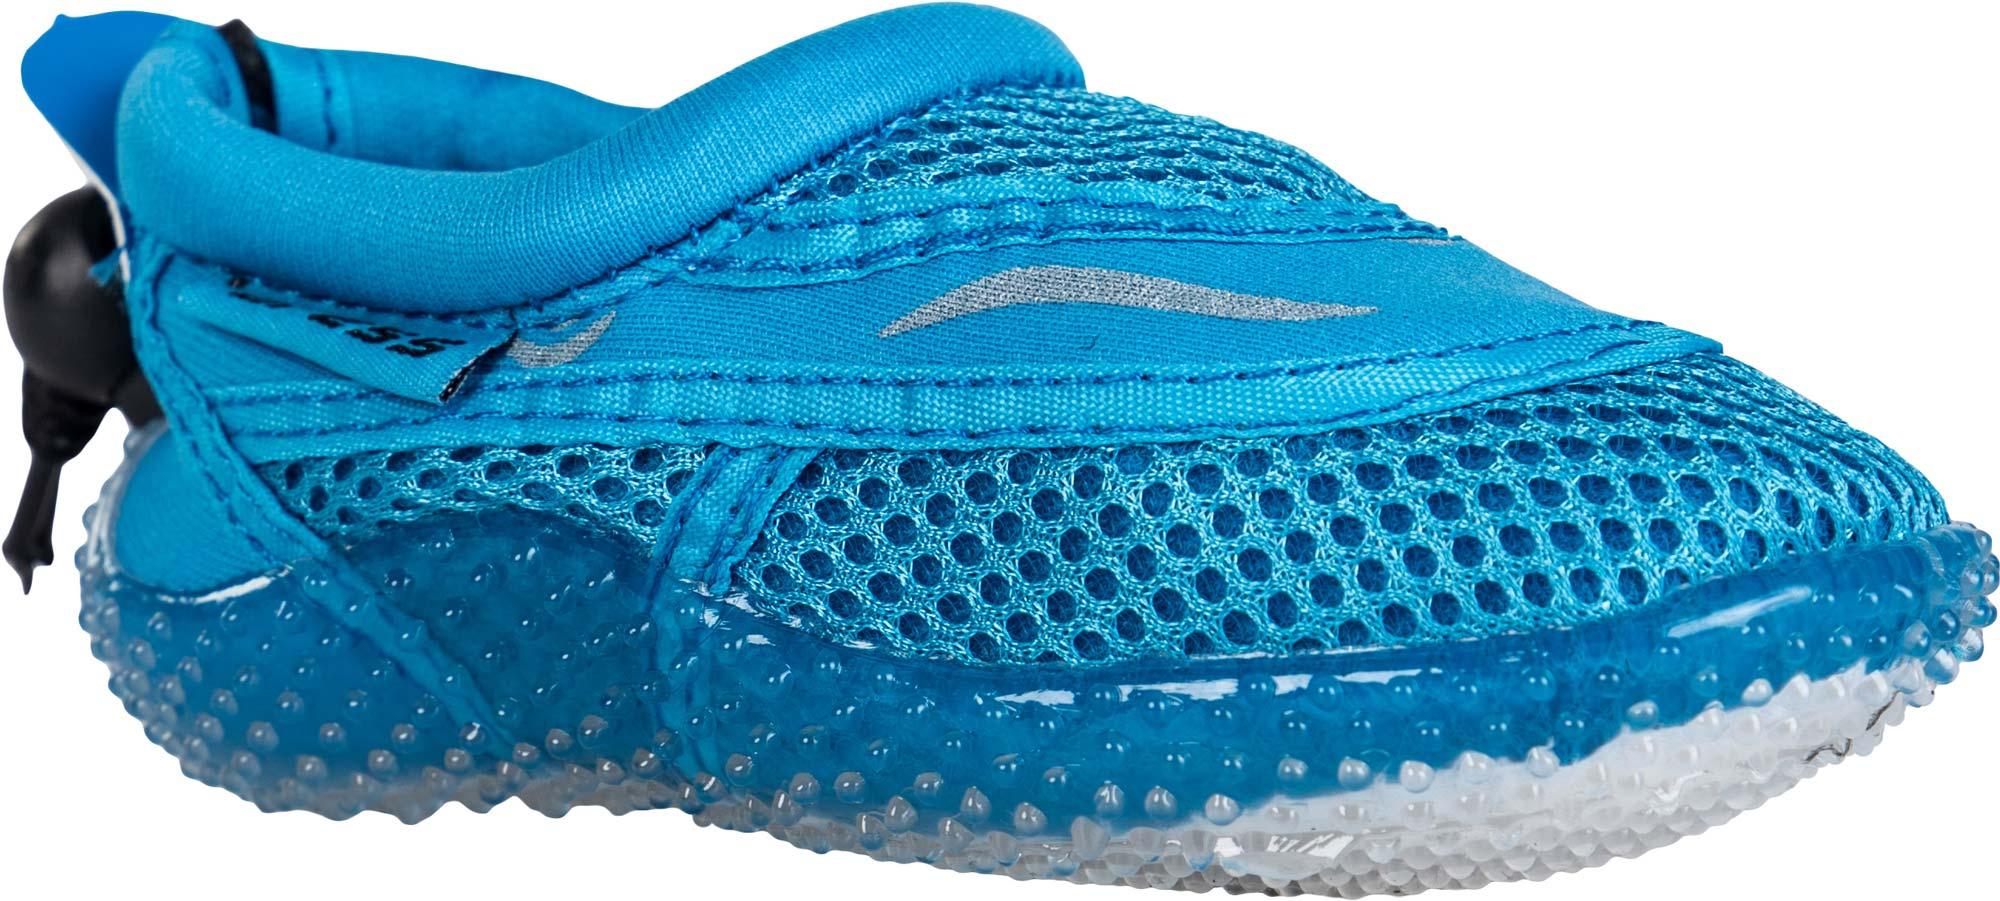 Dětské boty do vody 76b0fda2dc